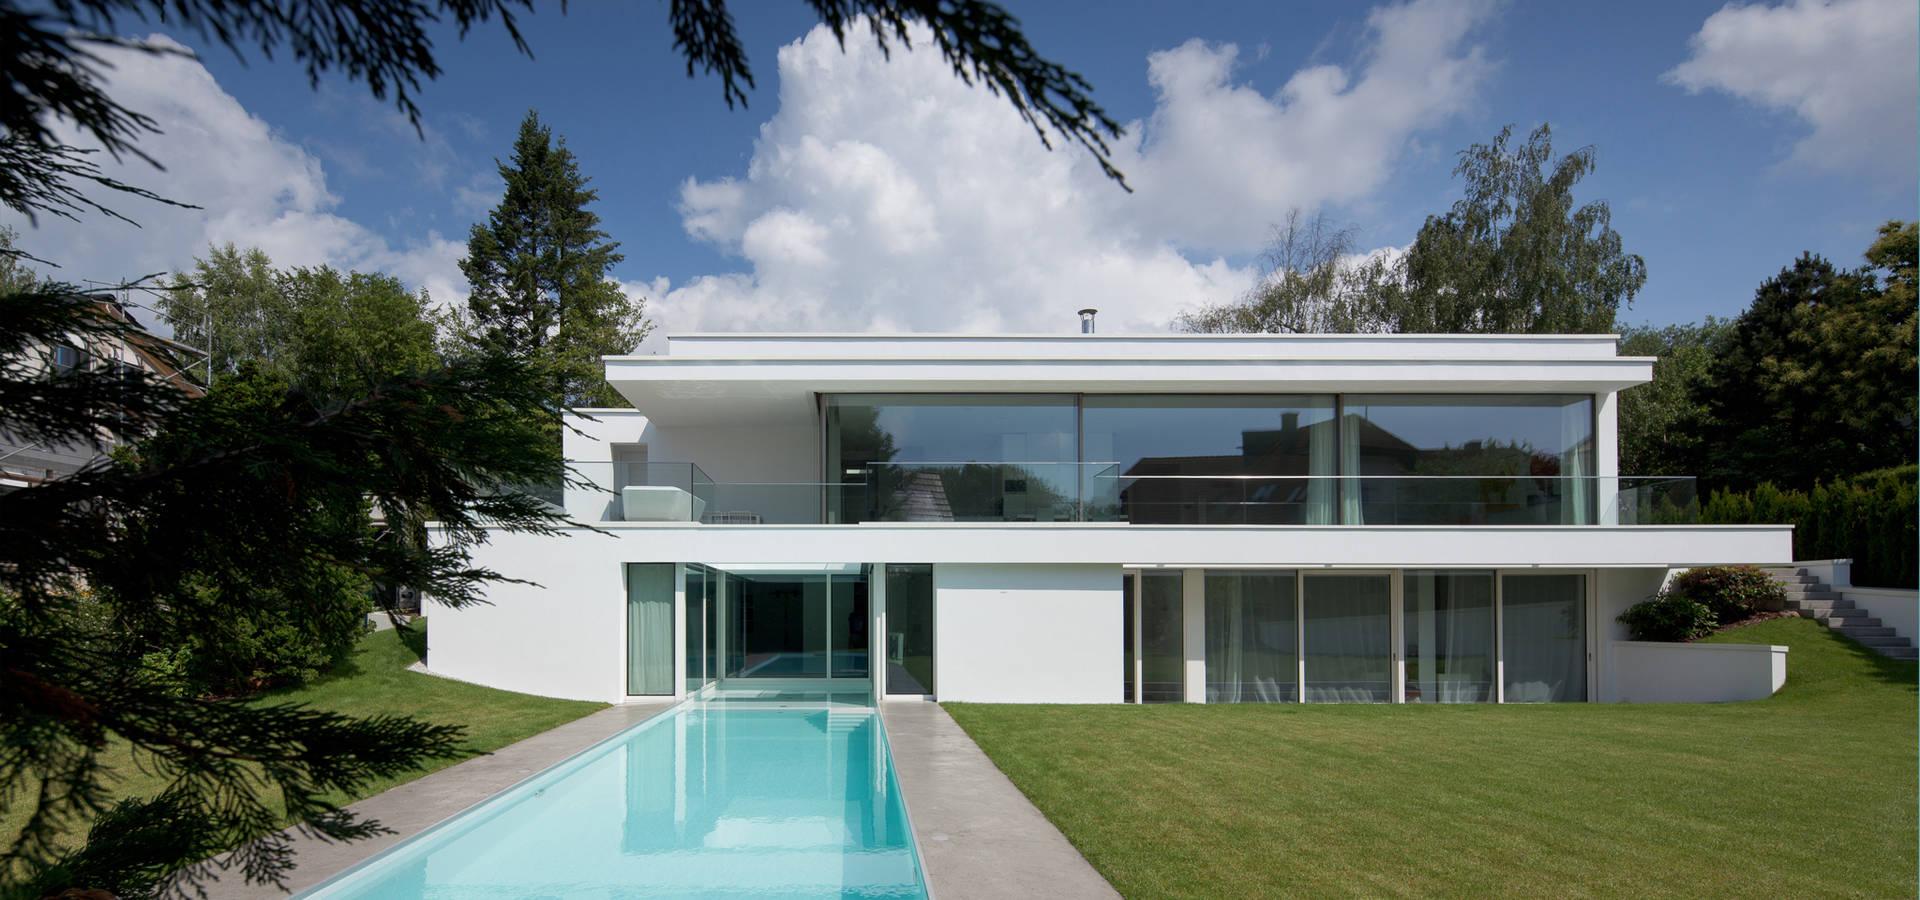 Villa p von philipp architekten anna philipp homify - Philipp architekten ...